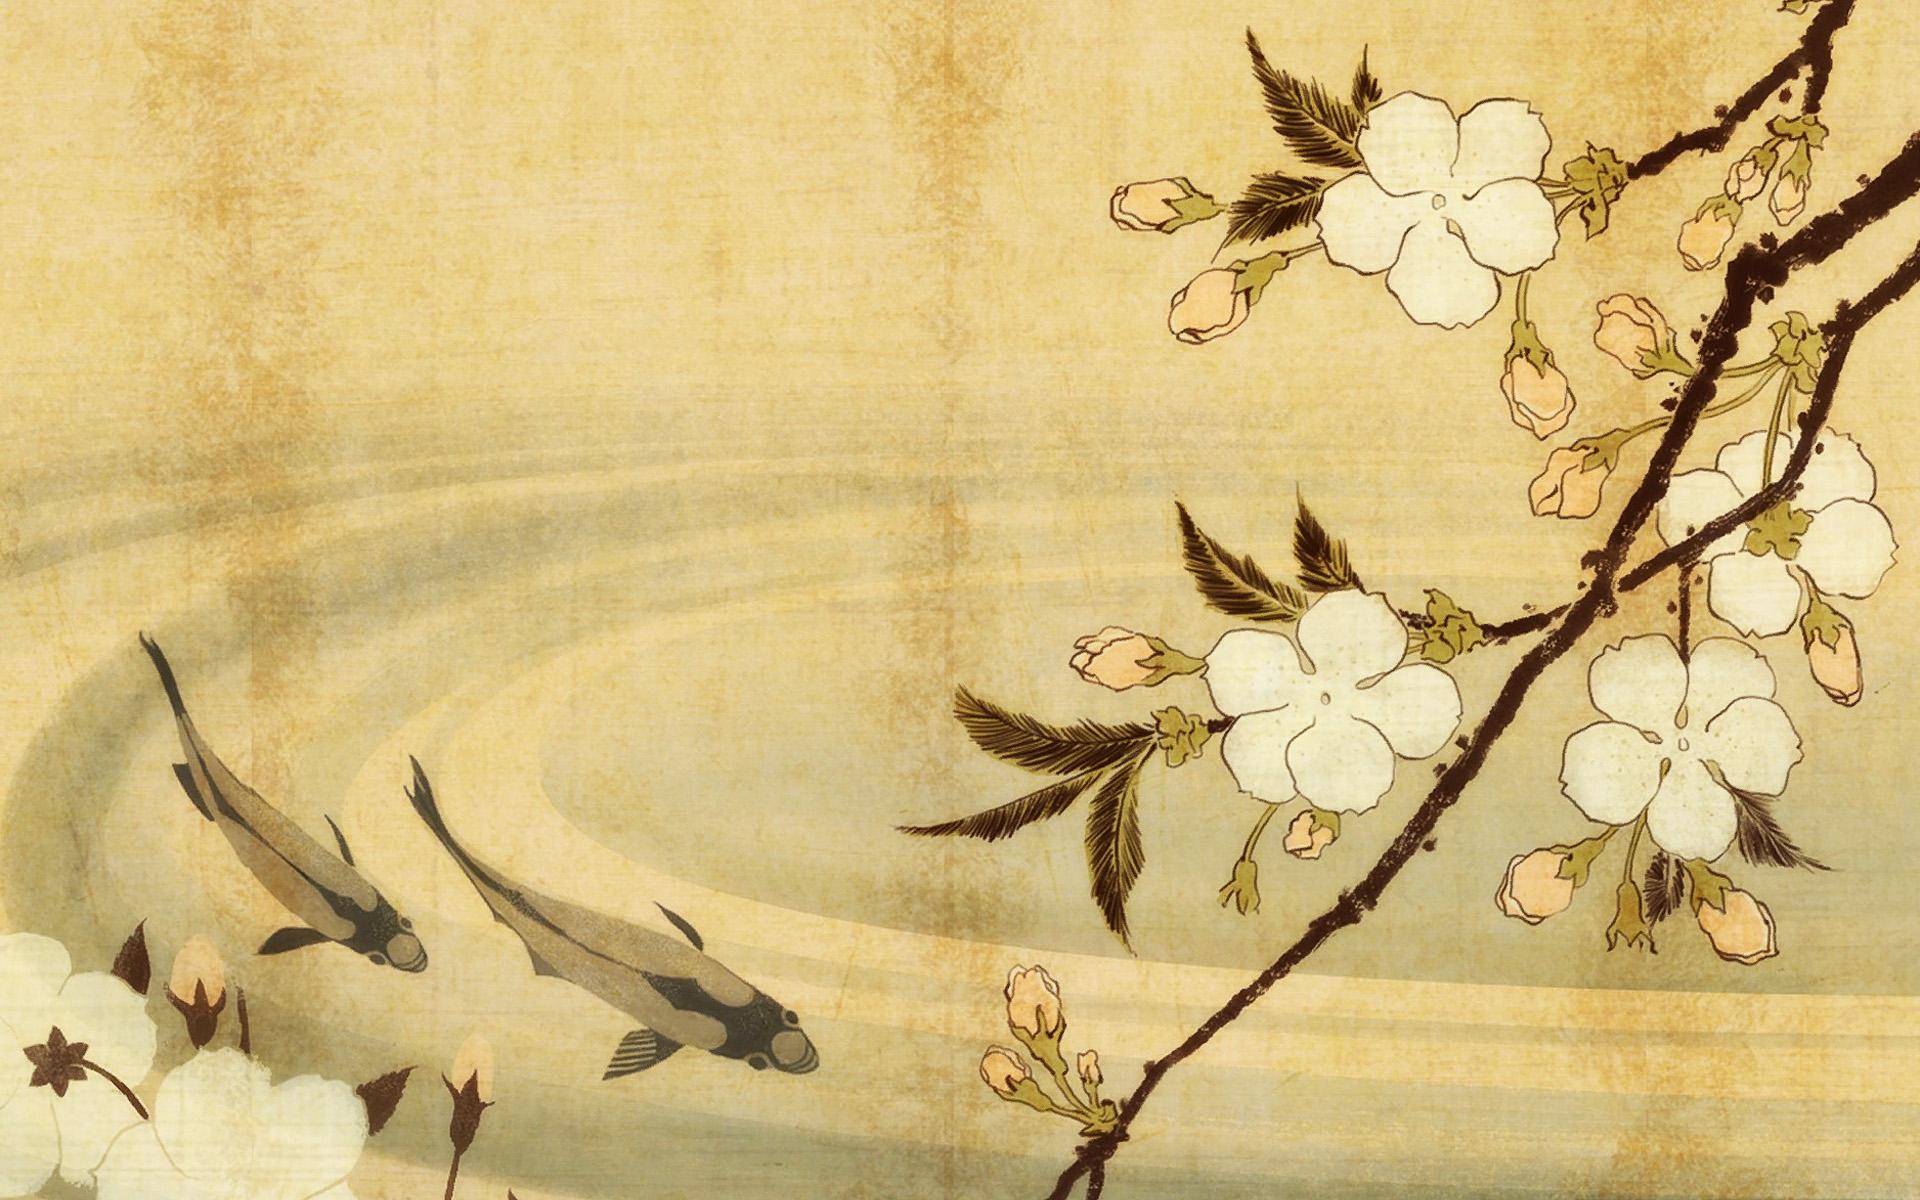 Japanese Carp Art Wallpaper 1920X1200 World Wallpaper Collection